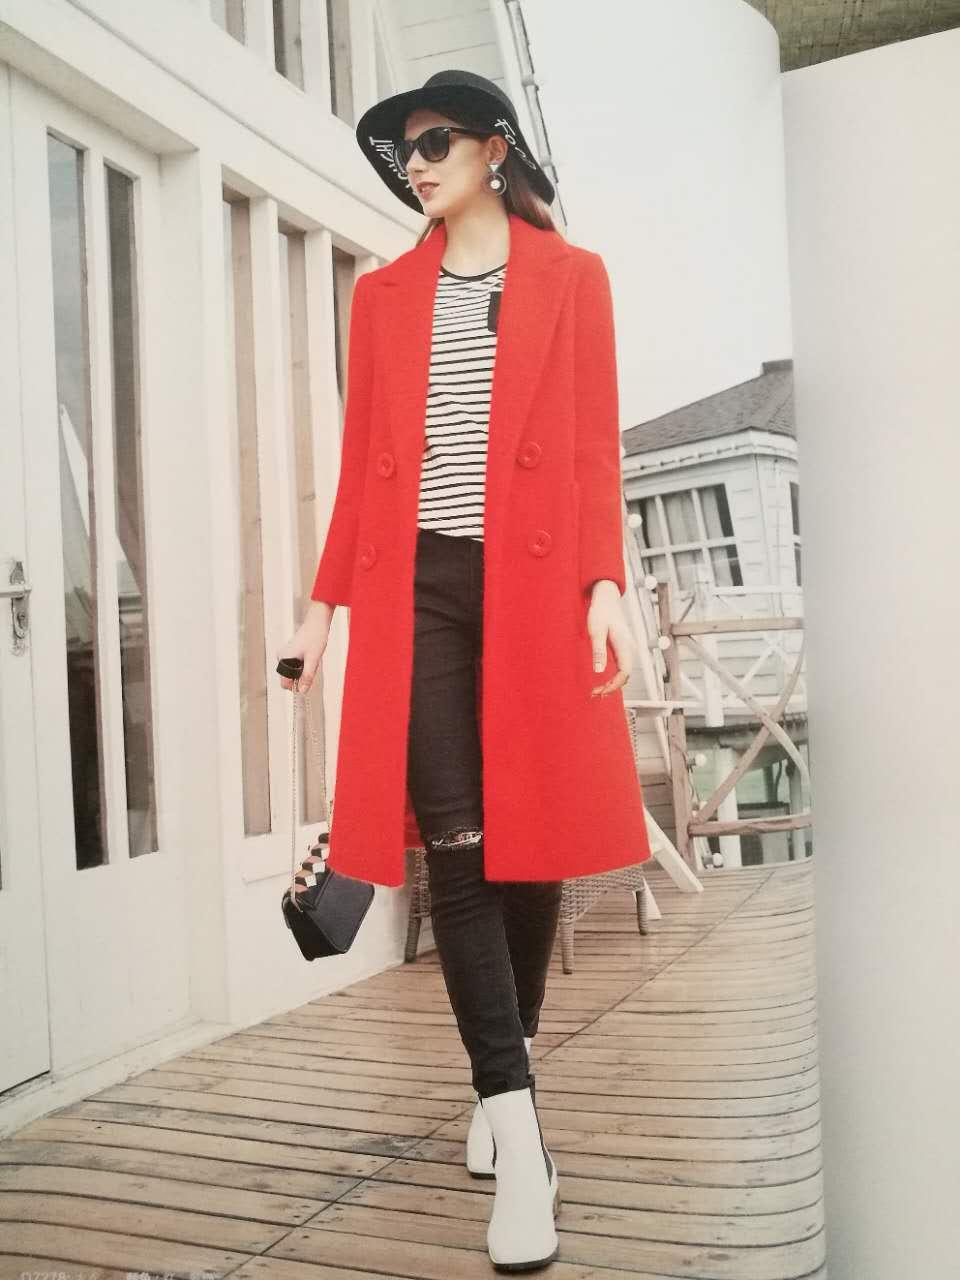 新款女装批发 布石冬装羽绒服大衣外套走份批发 品牌女装折扣走份